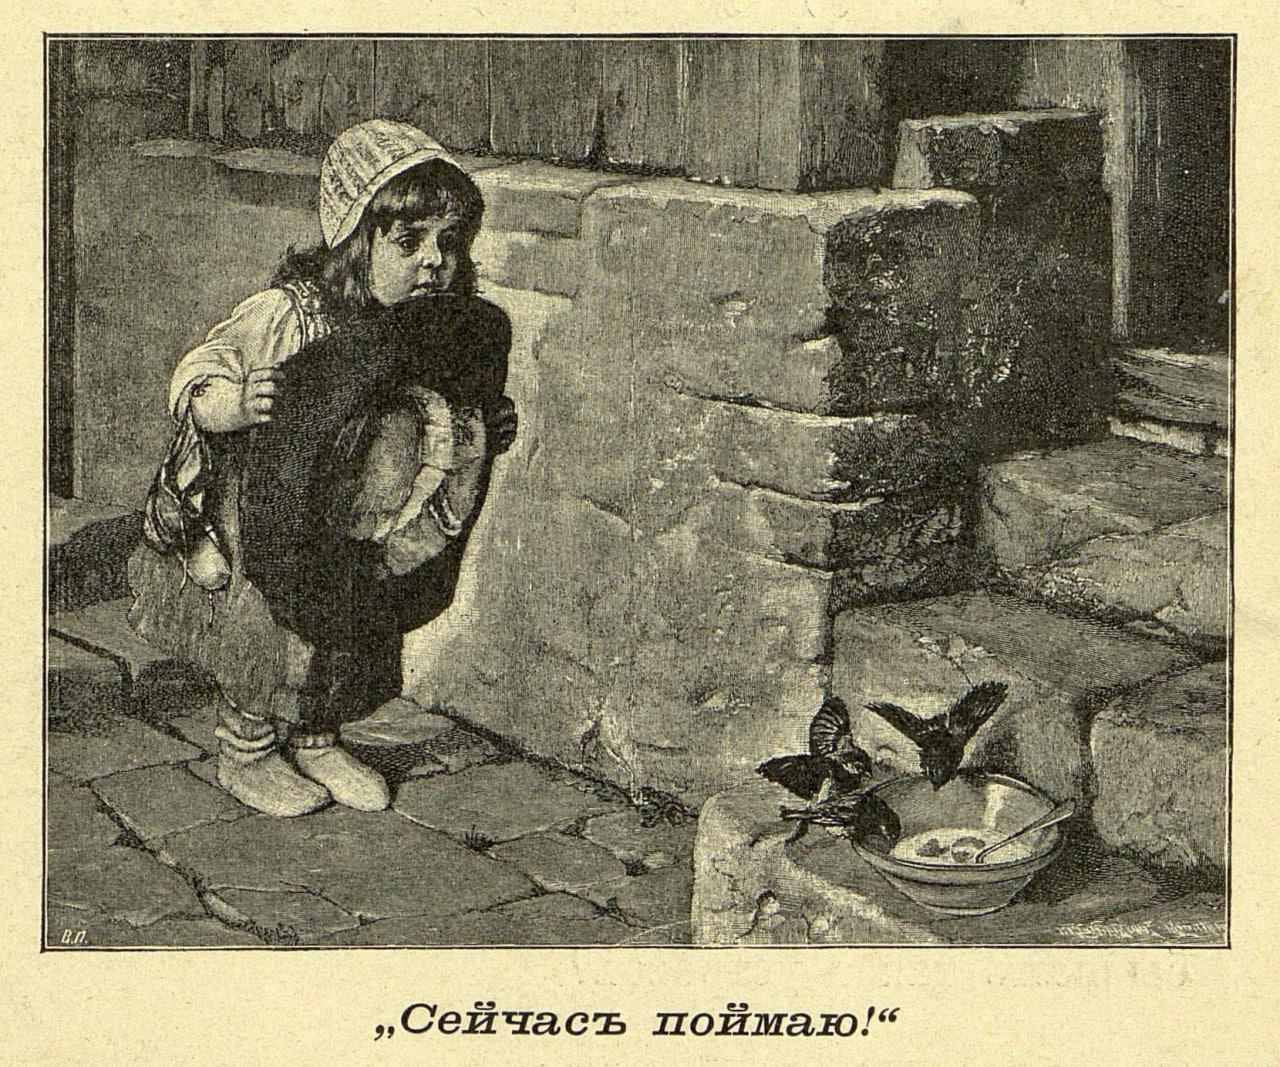 Сейчас поймаю!  Детский иллюстрированный журнал «Светлячок», издатели ─...